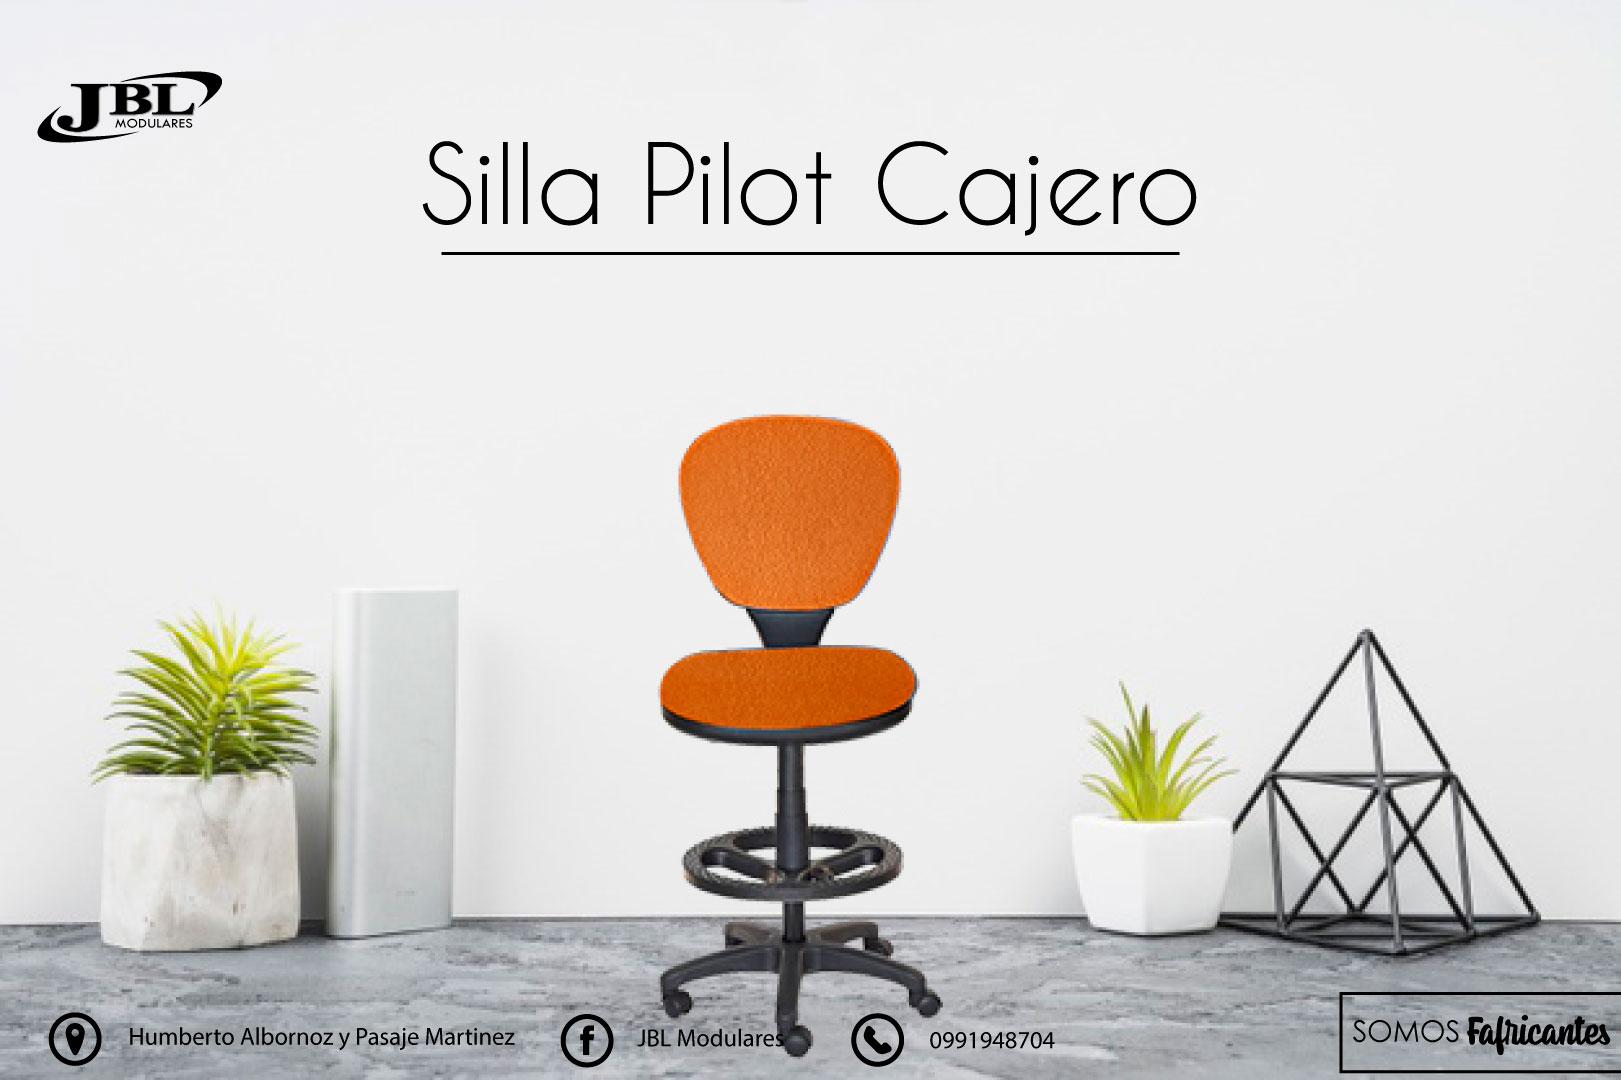 mueble-de-oficina-silla-pilot-cajero